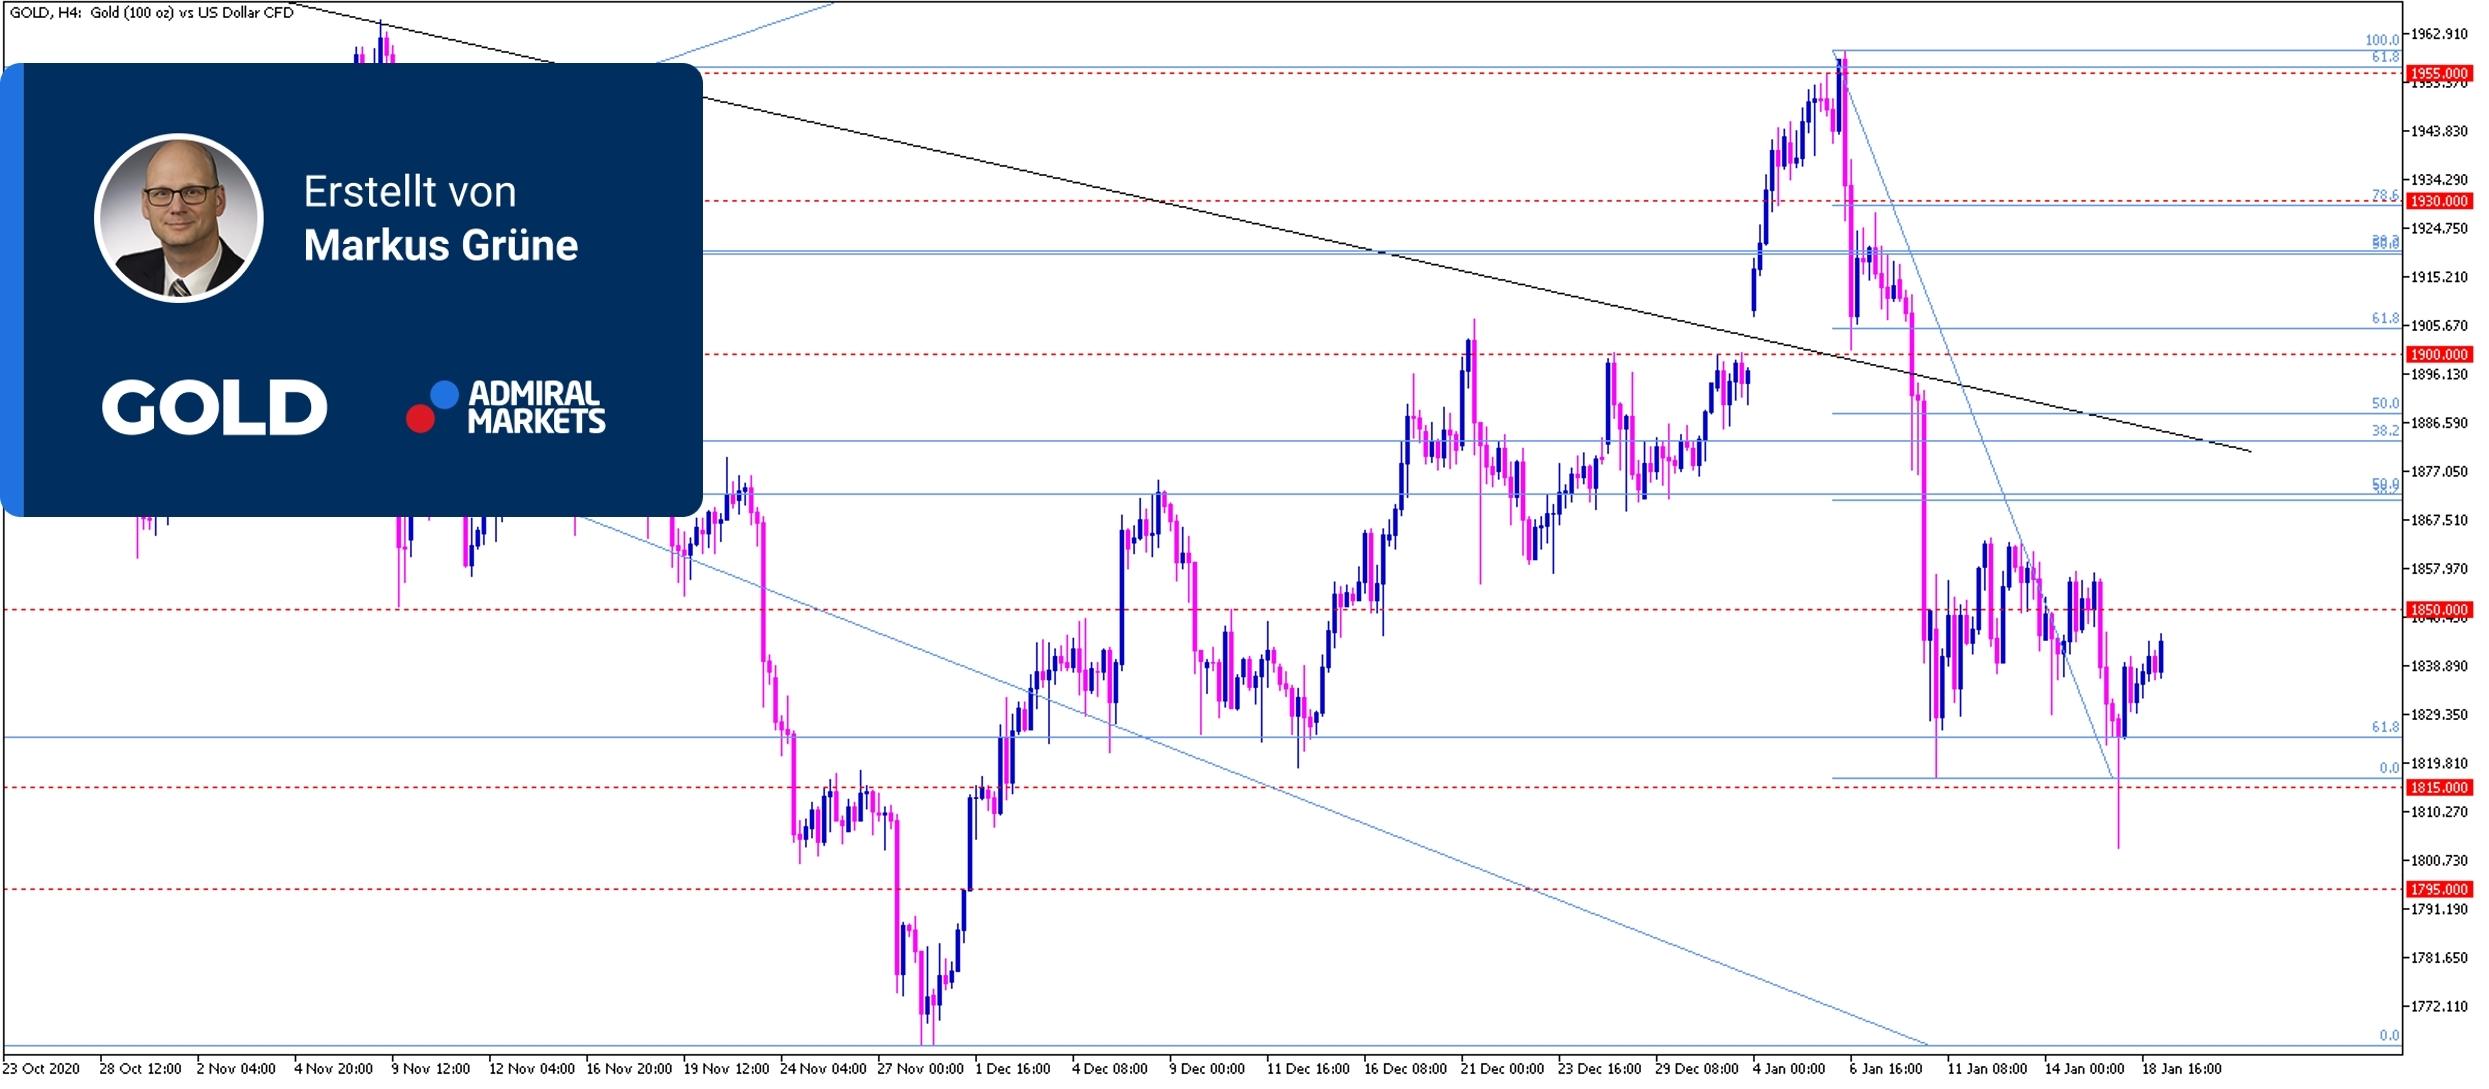 Gold-Analyse-Richtungsweisende-Impulse-lassen-auf-sich-warten-Kommentar-Admiral-Markets-GodmodeTrader.de-1